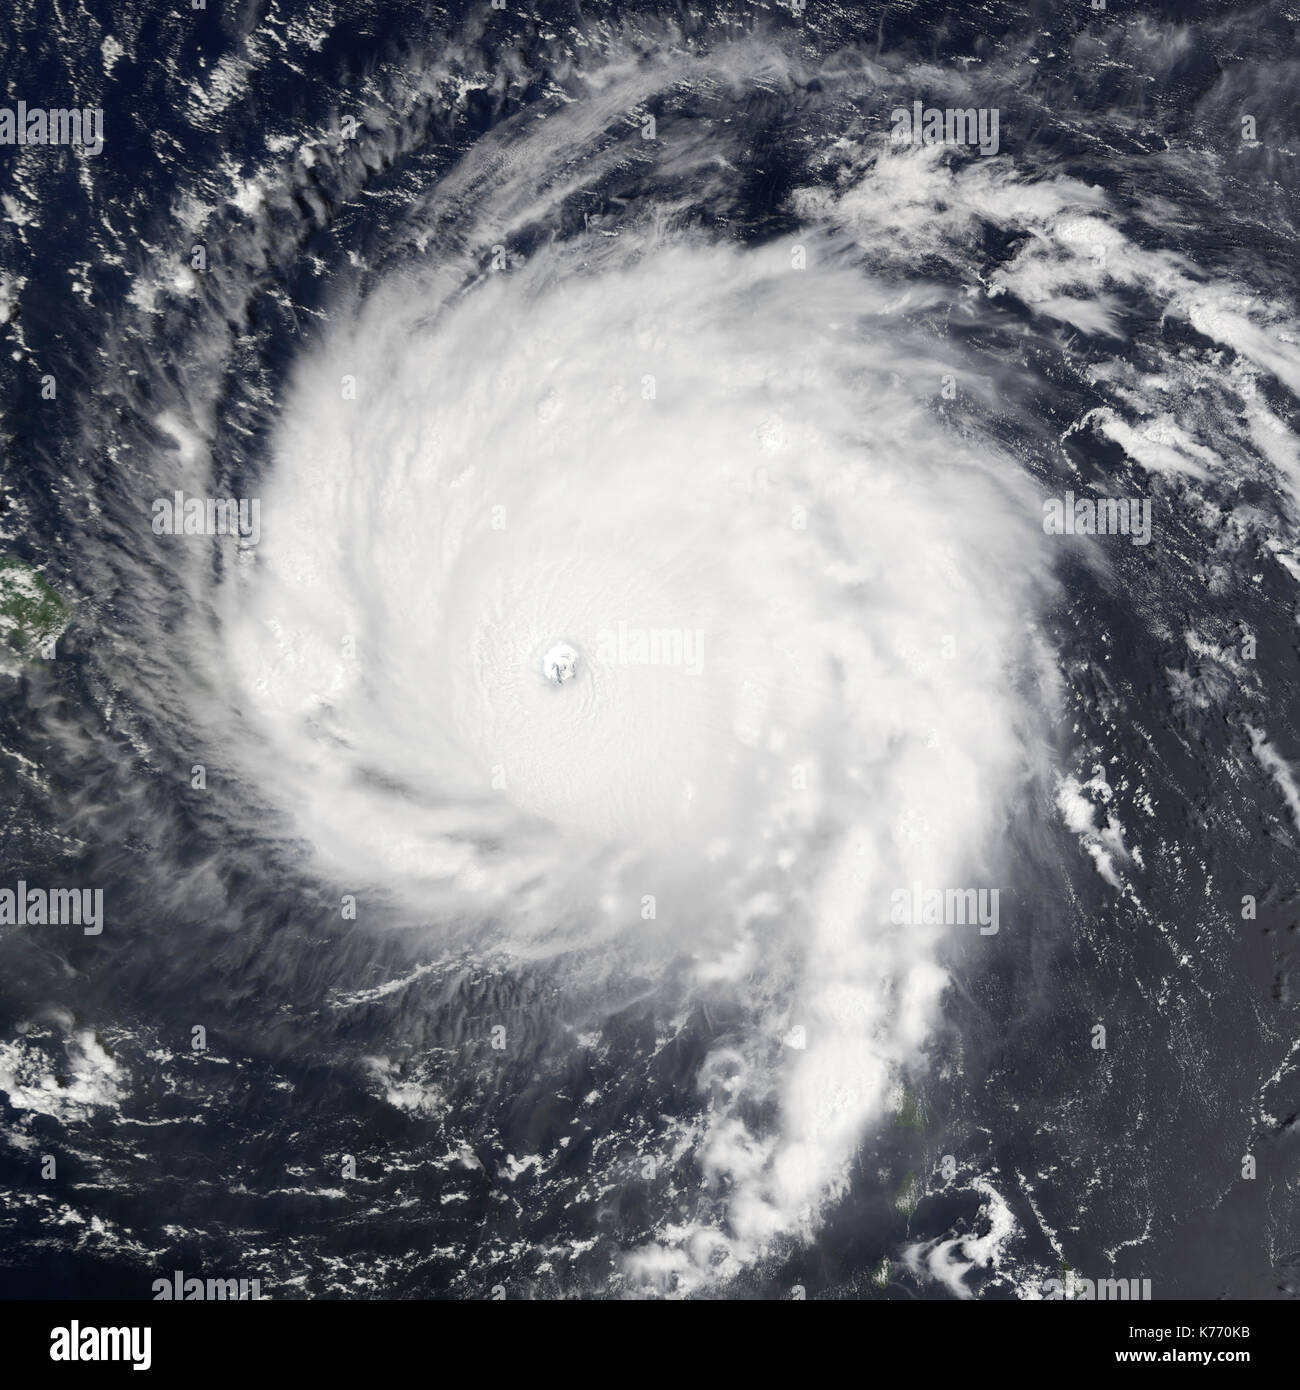 Hurricane Irma über die Leeward Inseln, die von der NASA aufgenommen am Mittwoch, 6. September 2017. Irma ist der stärkste Hurrikan aller Zeiten über den Atlantischen Ozean gemessen. T (NASA/Suomi NPP-VIIRS) Stockbild